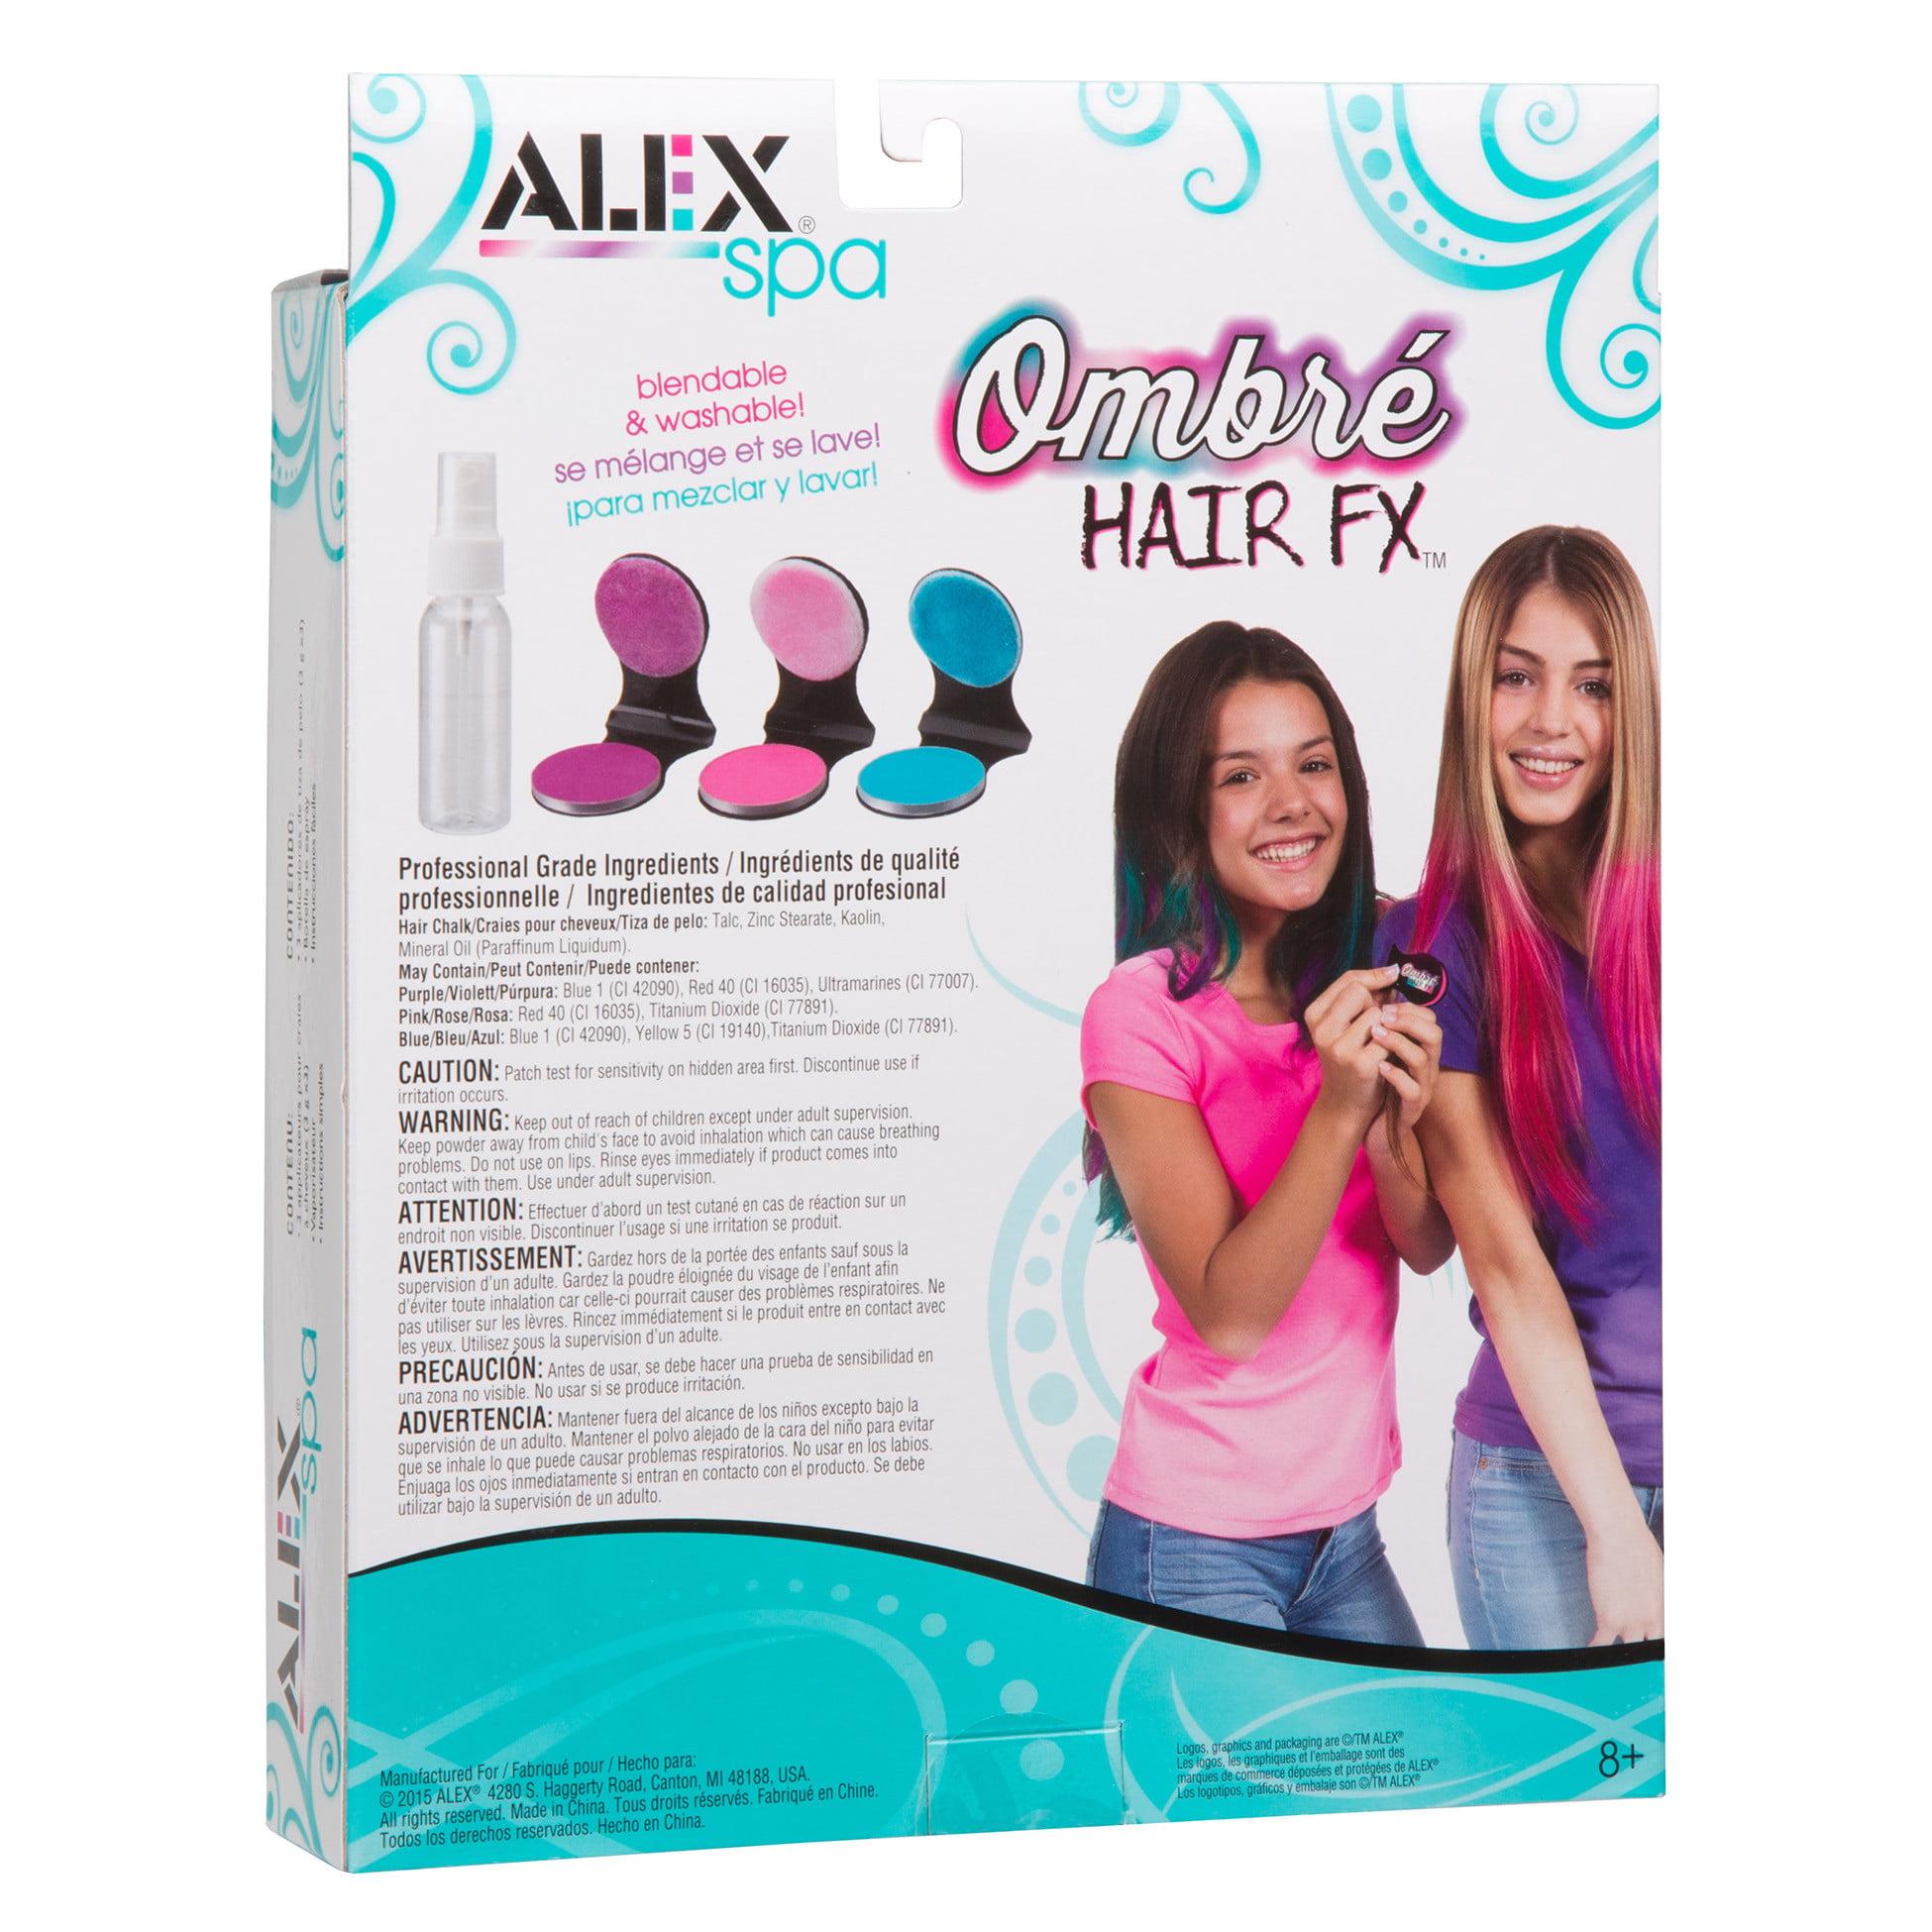 95d3b19ec862 ALEX Spa Ombre Hair FX - Walmart.com